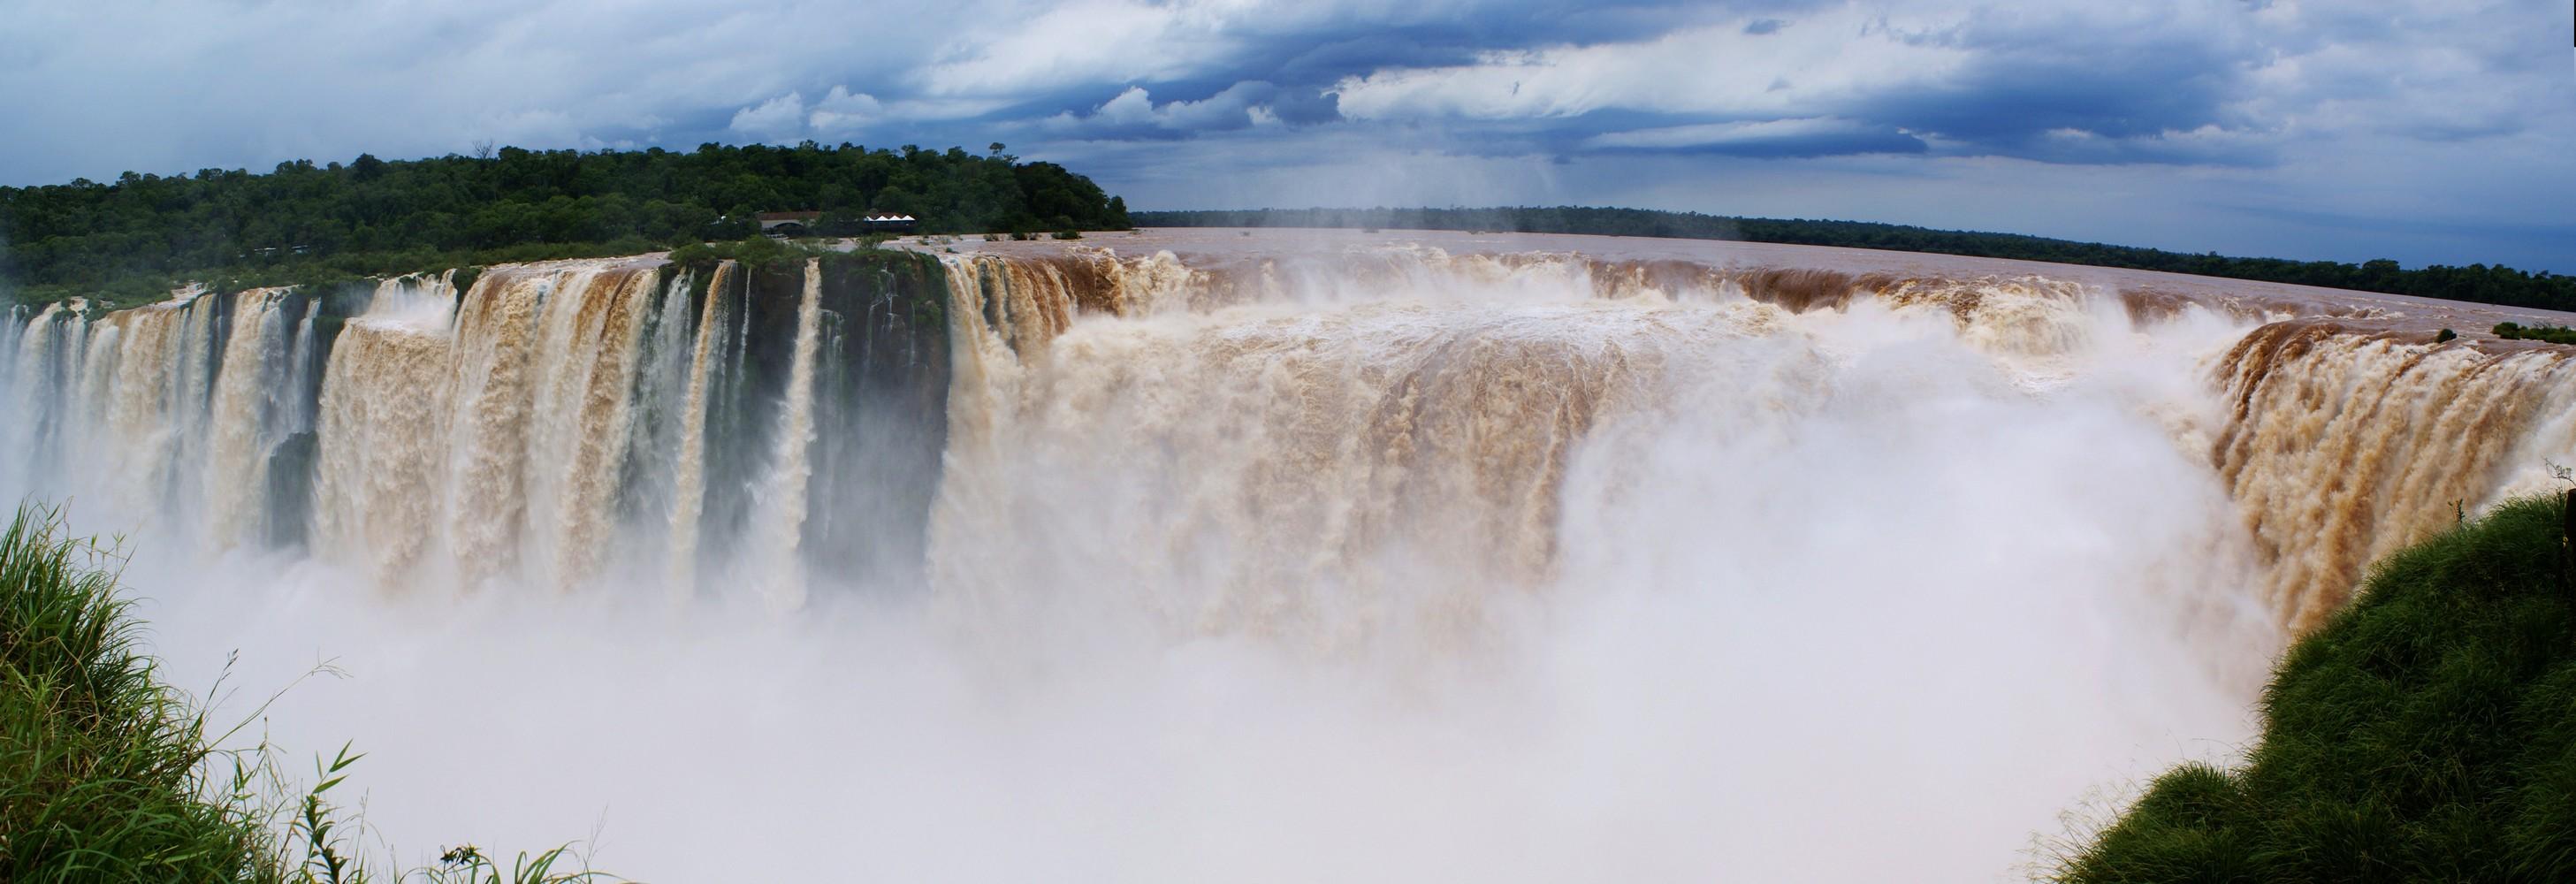 Garganta del Diablo – Parque Nacional Iguazú